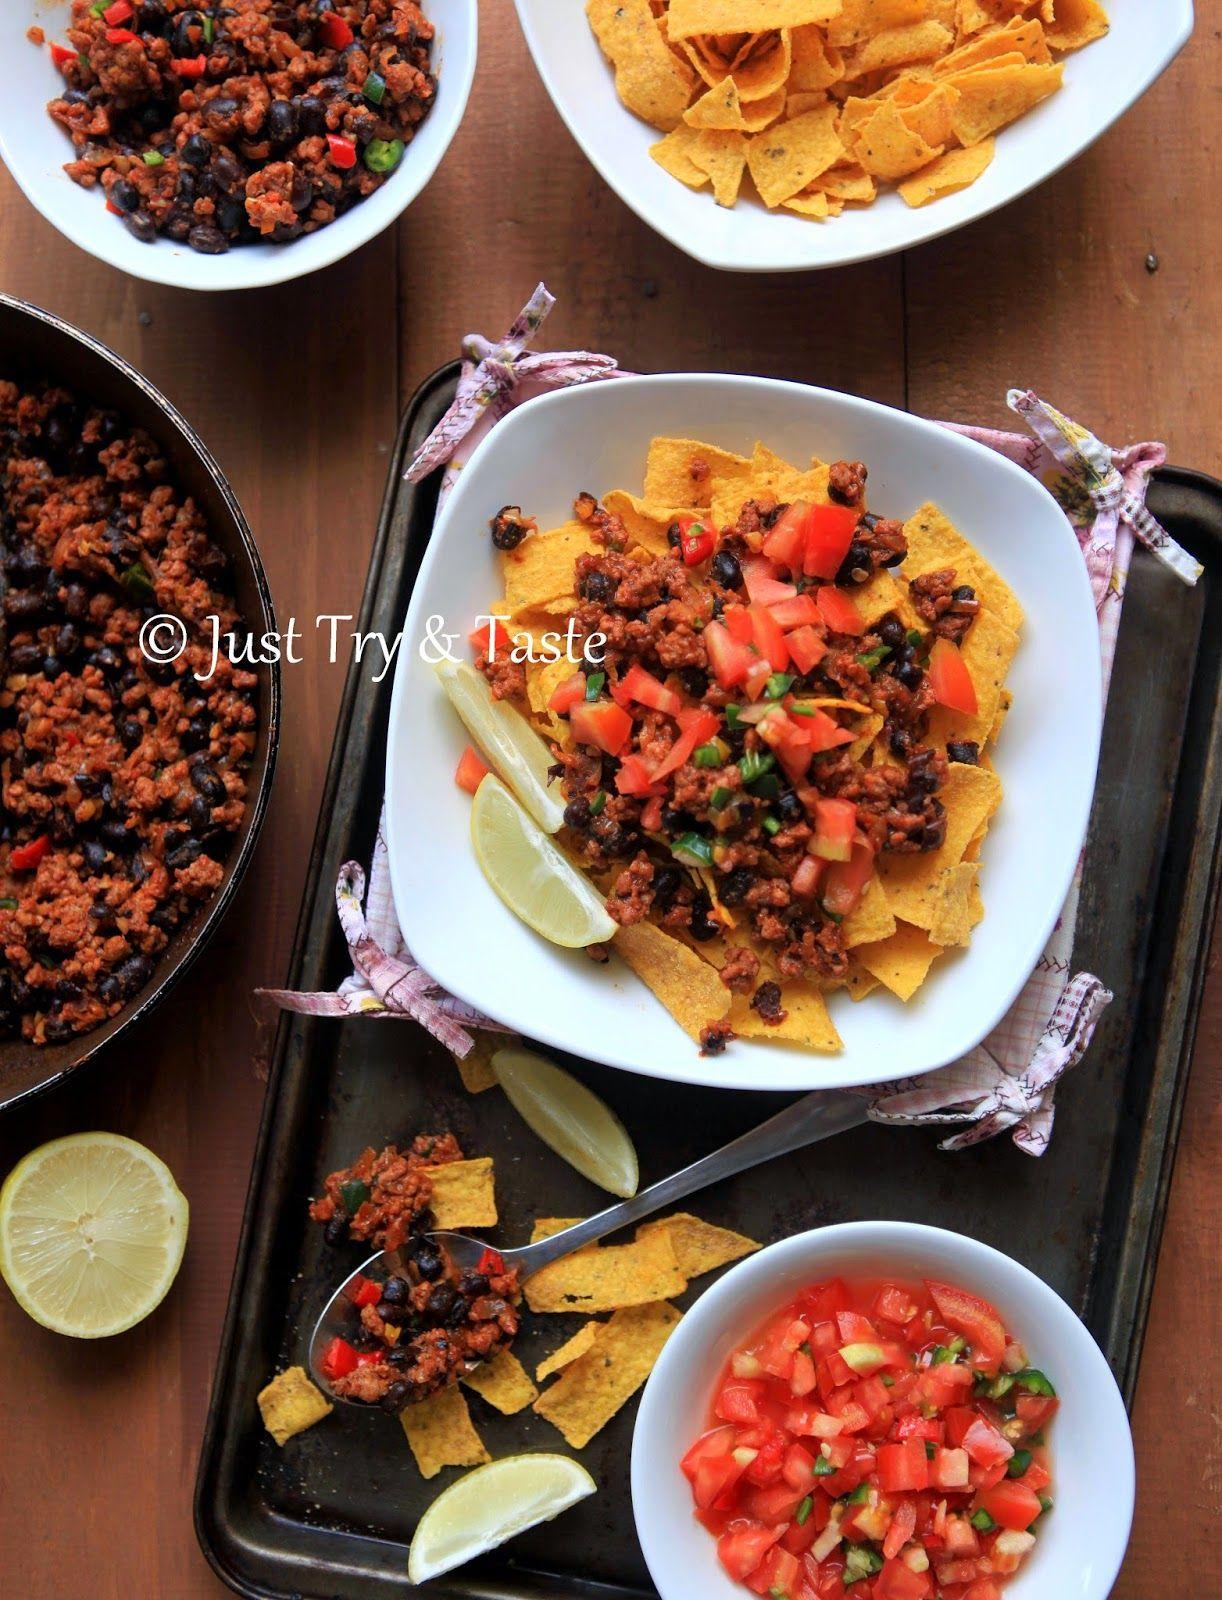 Yuk Membuat Nachos Camilan Sedap Khas Meksiko Masakan Meksiko Resep Masakan Nachos